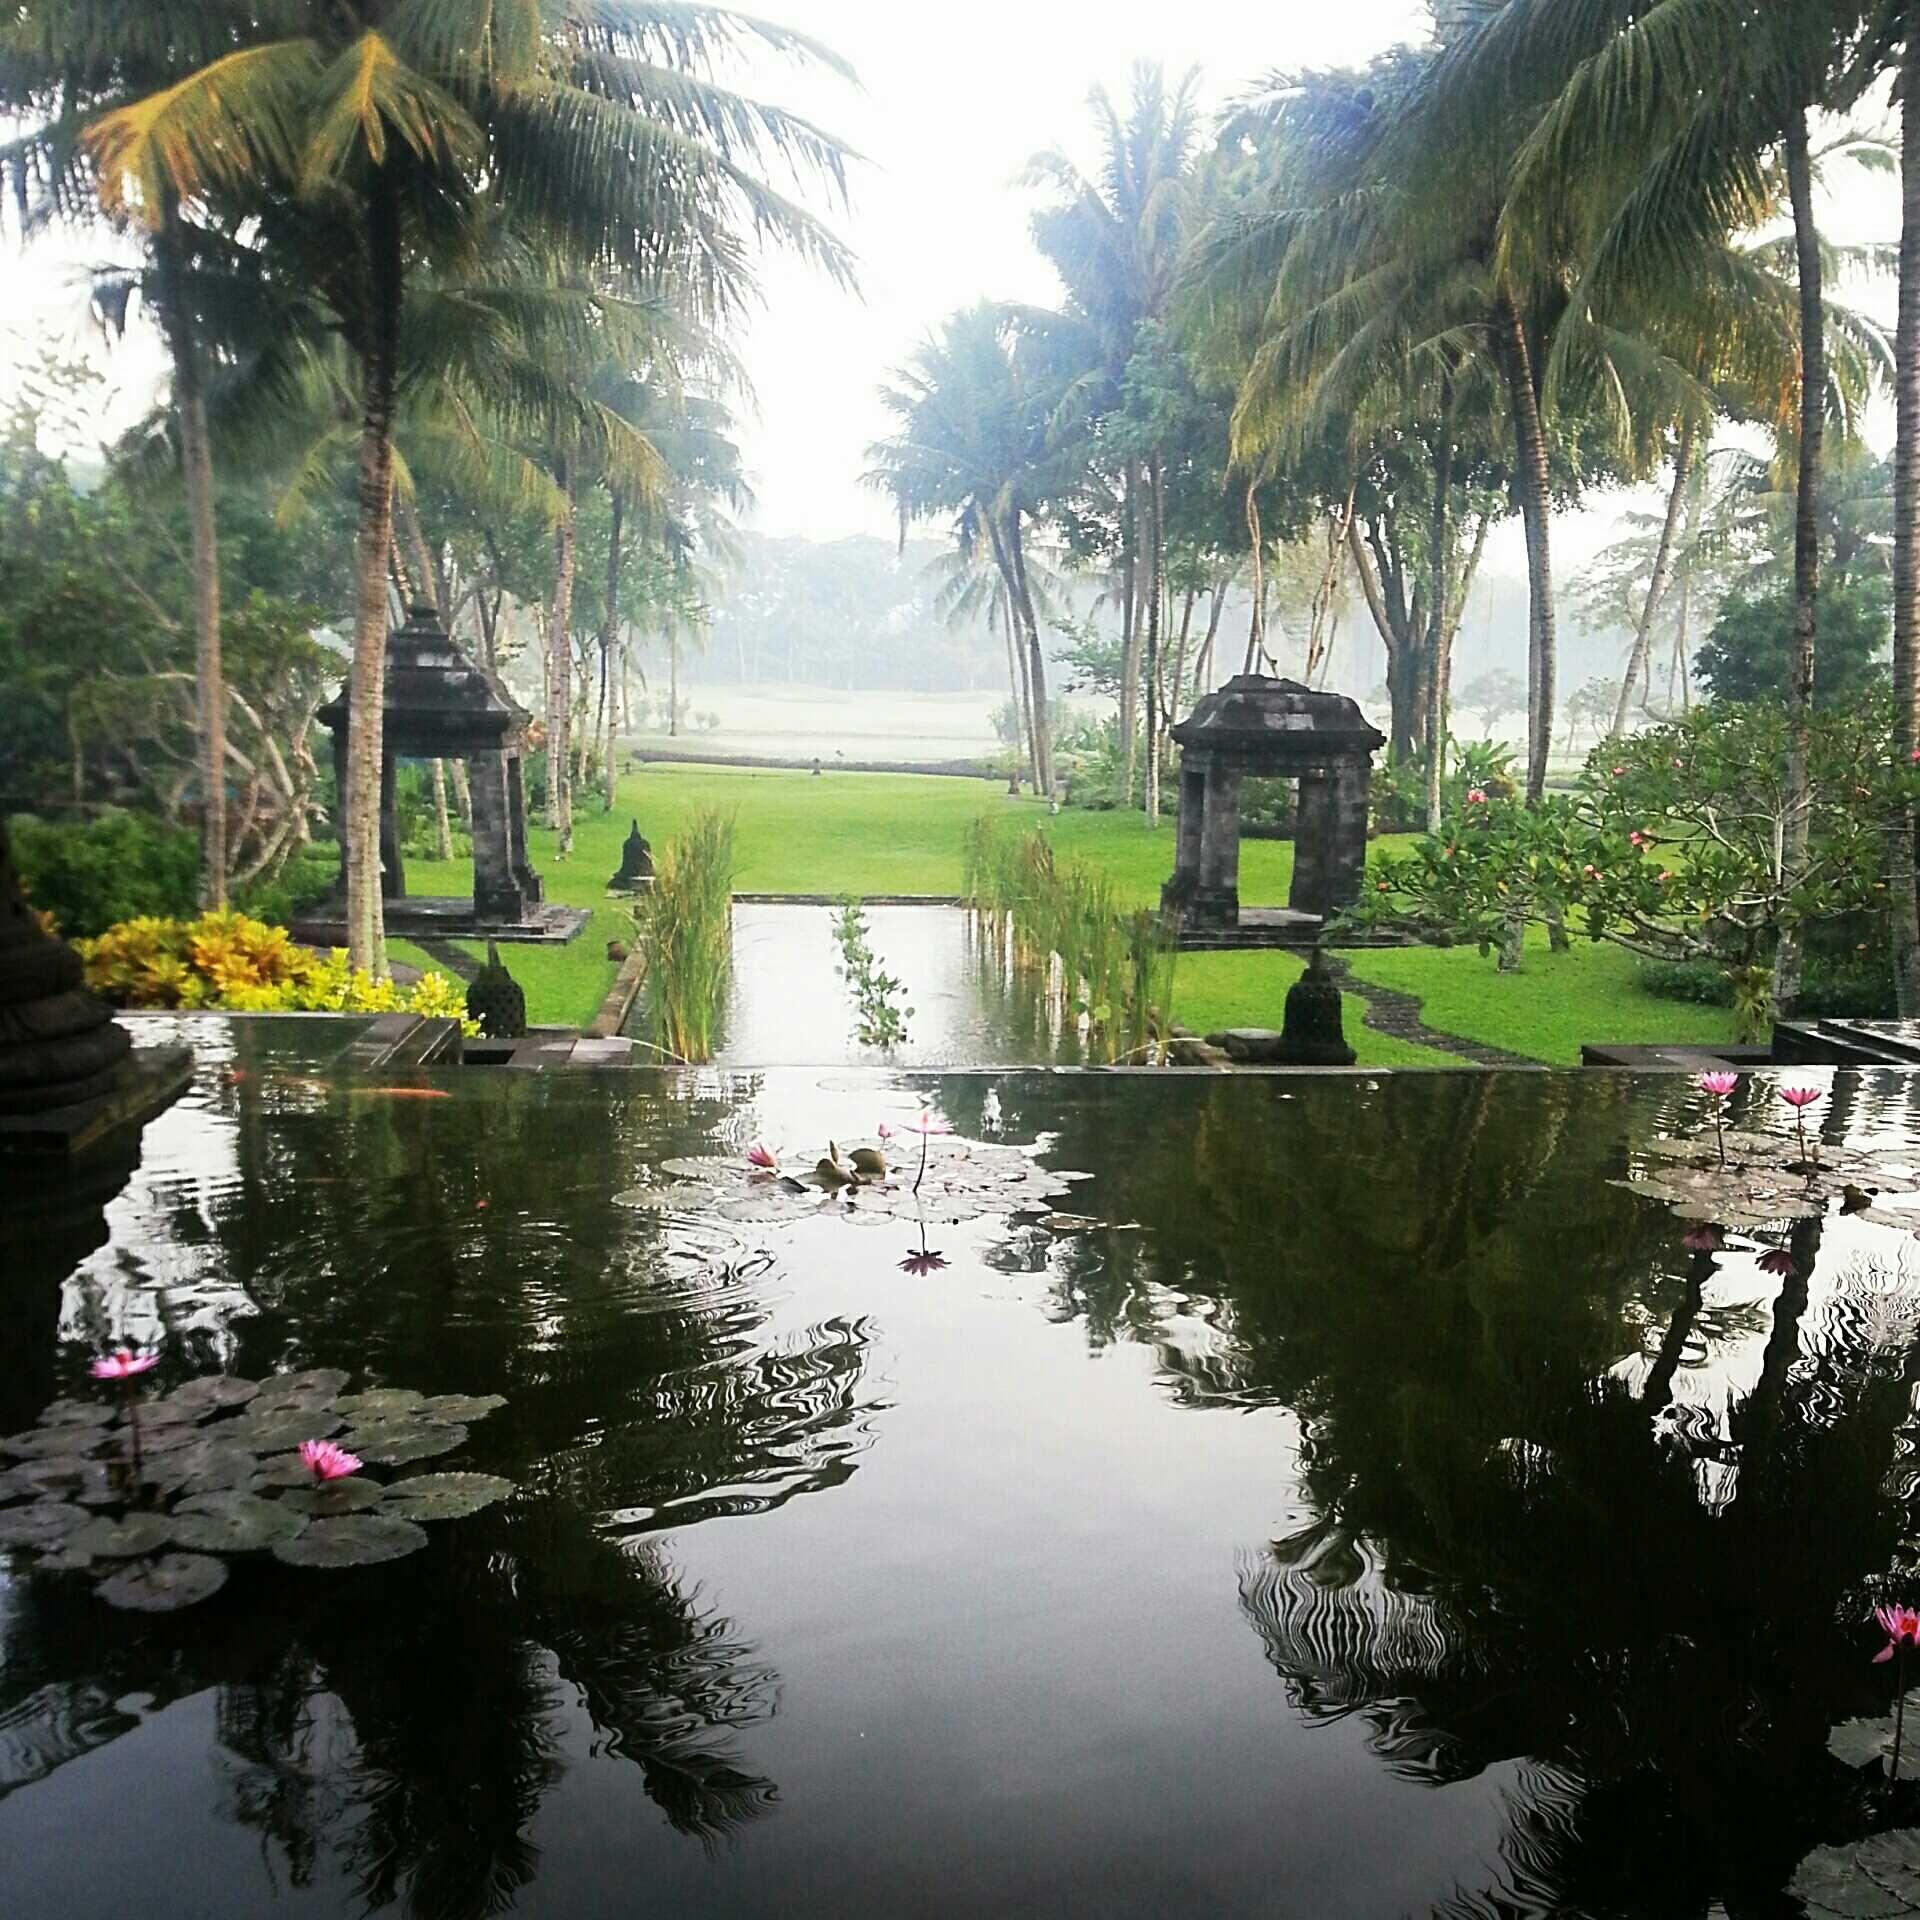 Grand Hyatt Hotel - Yogyakarta Indonesia | my Journey | Pinterest ...